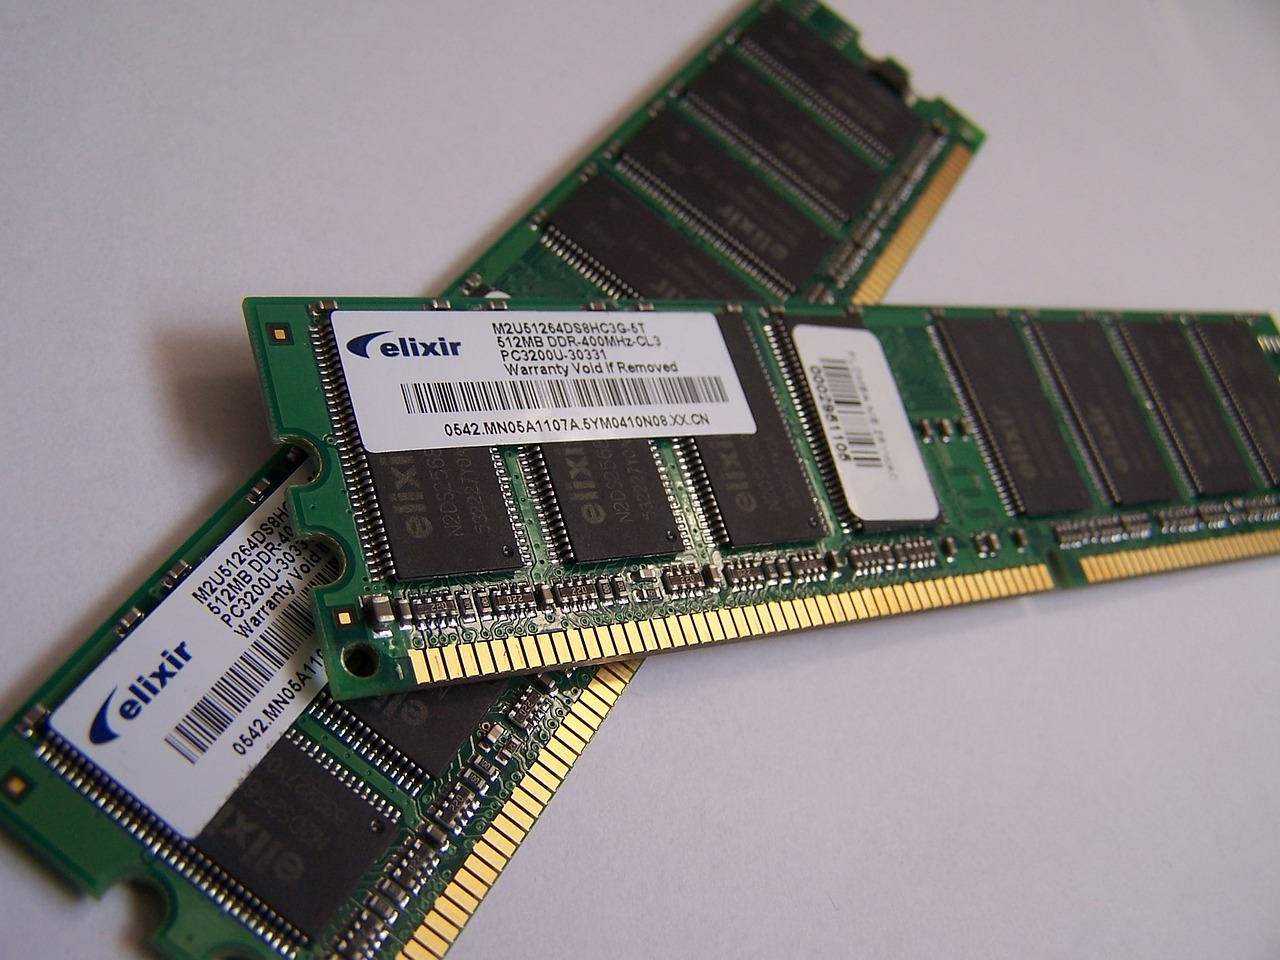 メモリの必要量は8GBか16GBかまたは64GBかの論争